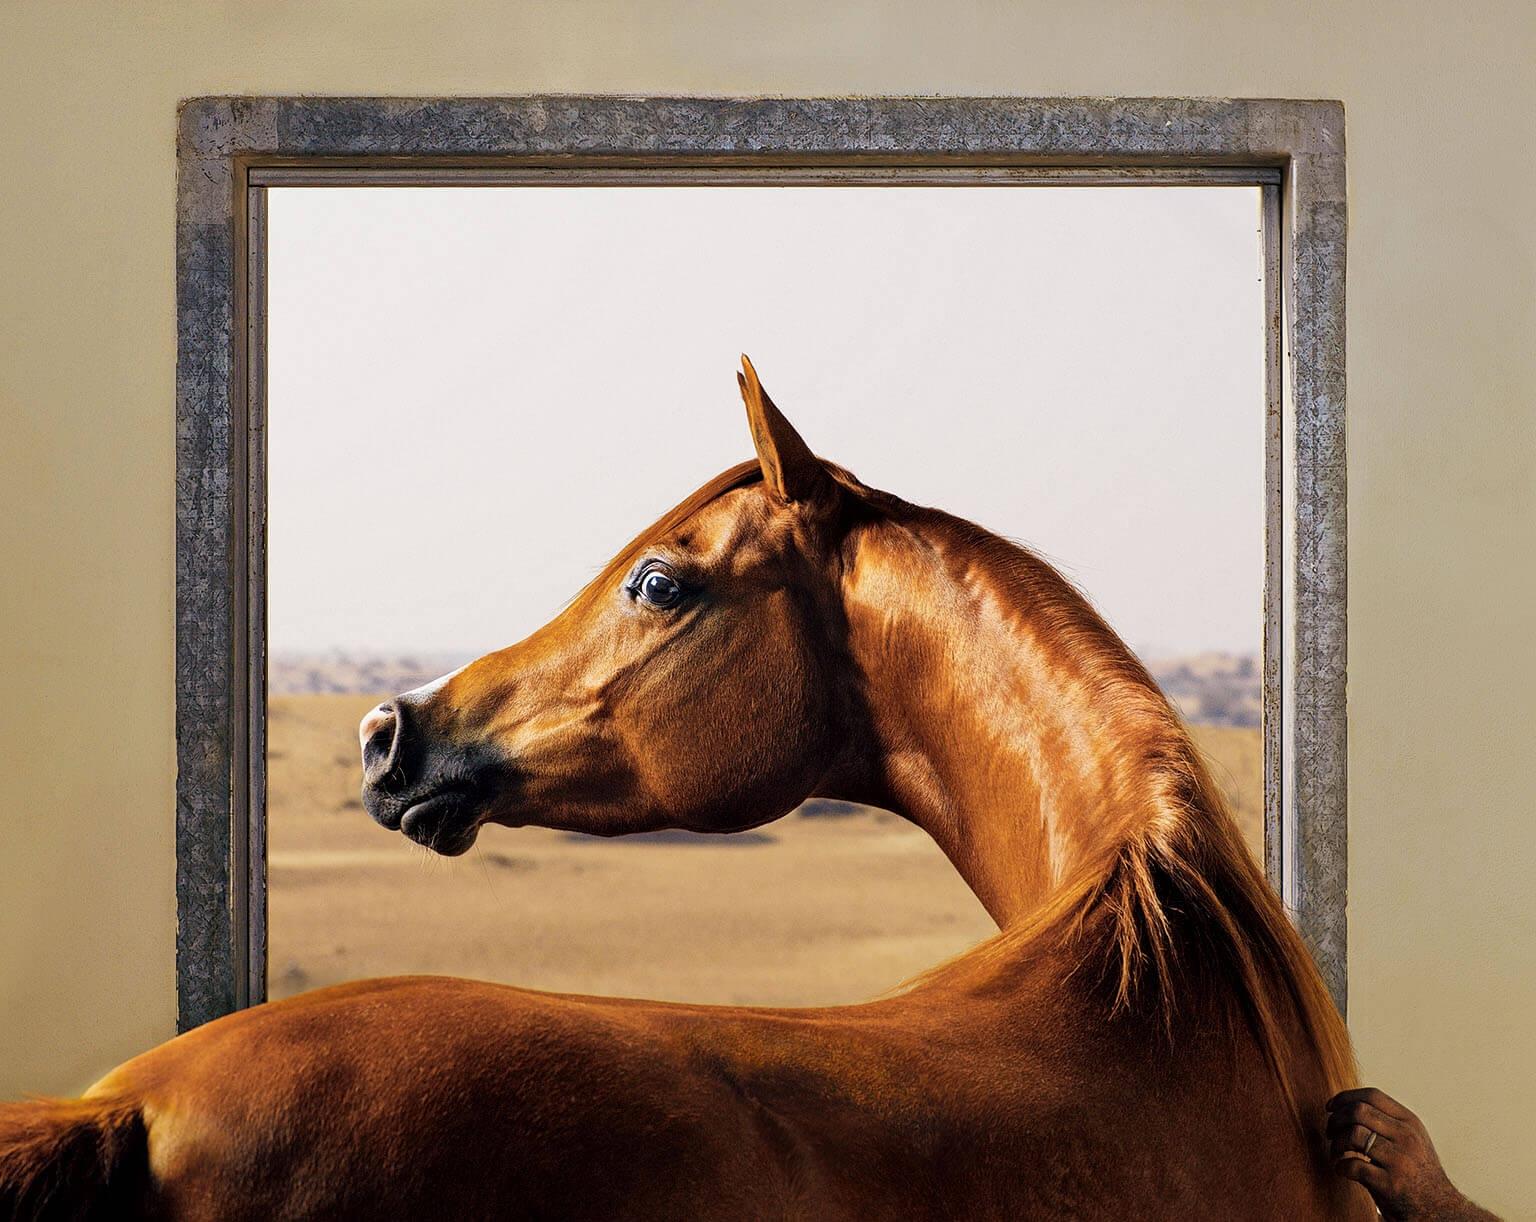 在阿拉伯聯合大公國,一隻阿拉伯馬環顧牠的馬廄。馬是視覺動物──牠們的視力比貓和狗好──並且演化出可使家族團結的溝通技巧。PHOTO: TIM FLACH